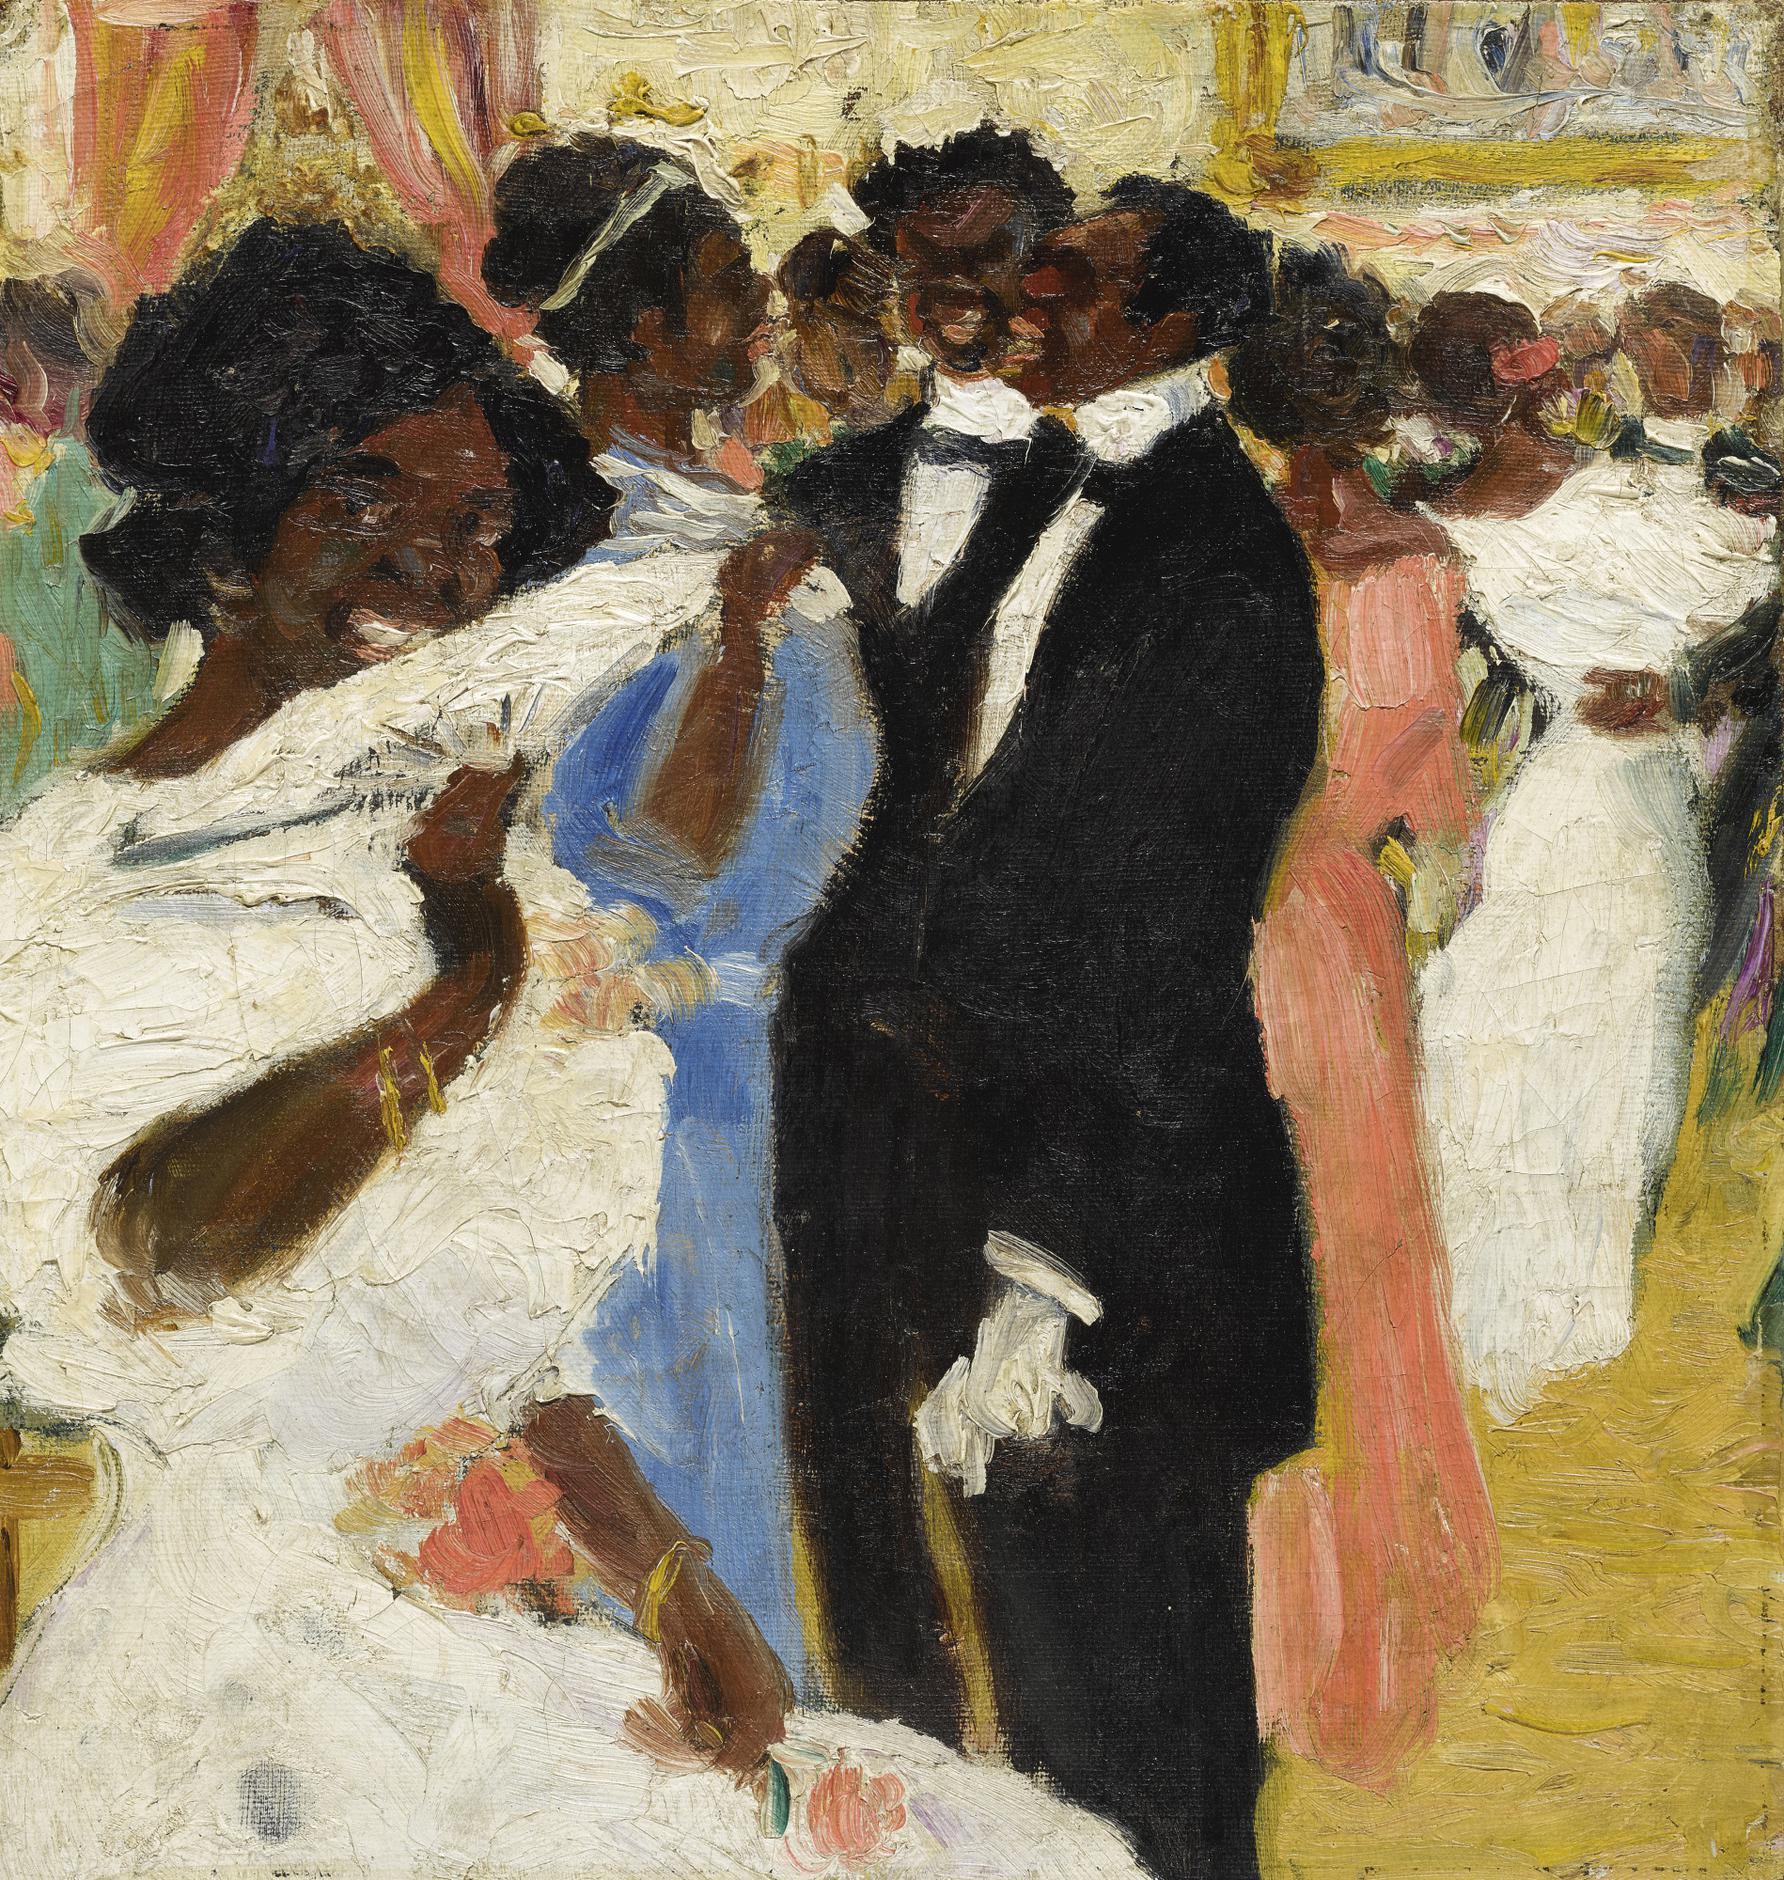 Rafael Barradas - La Fete-1910